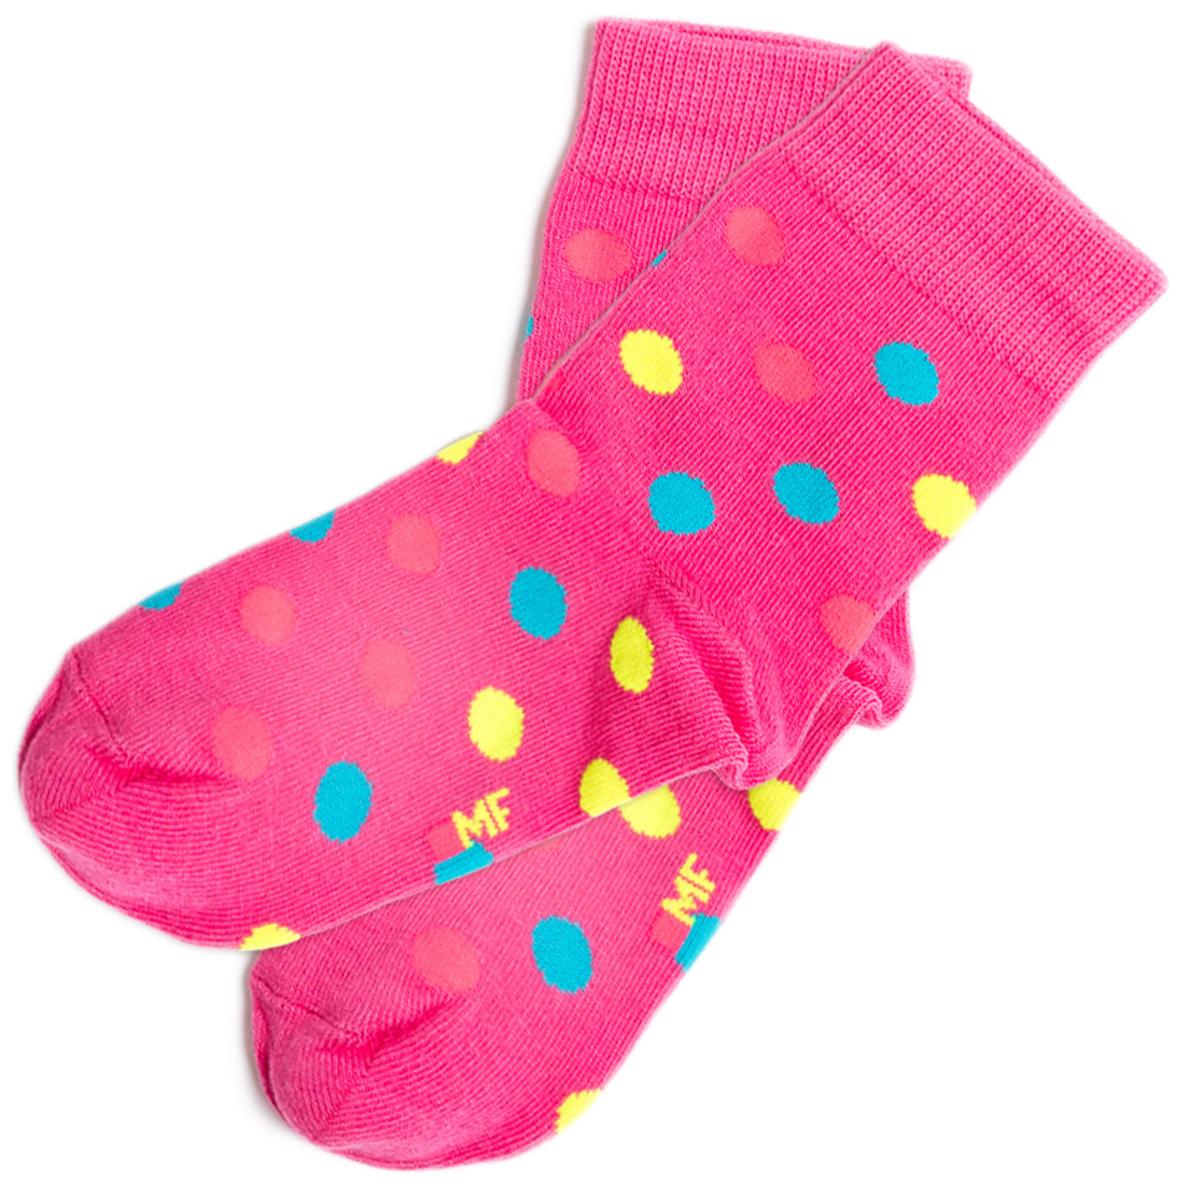 Носки детские Mark Formelle, цвет: ярко-розовый. 400K-382_B4-6400K. Размер 37/38400K-382_B4-6400K